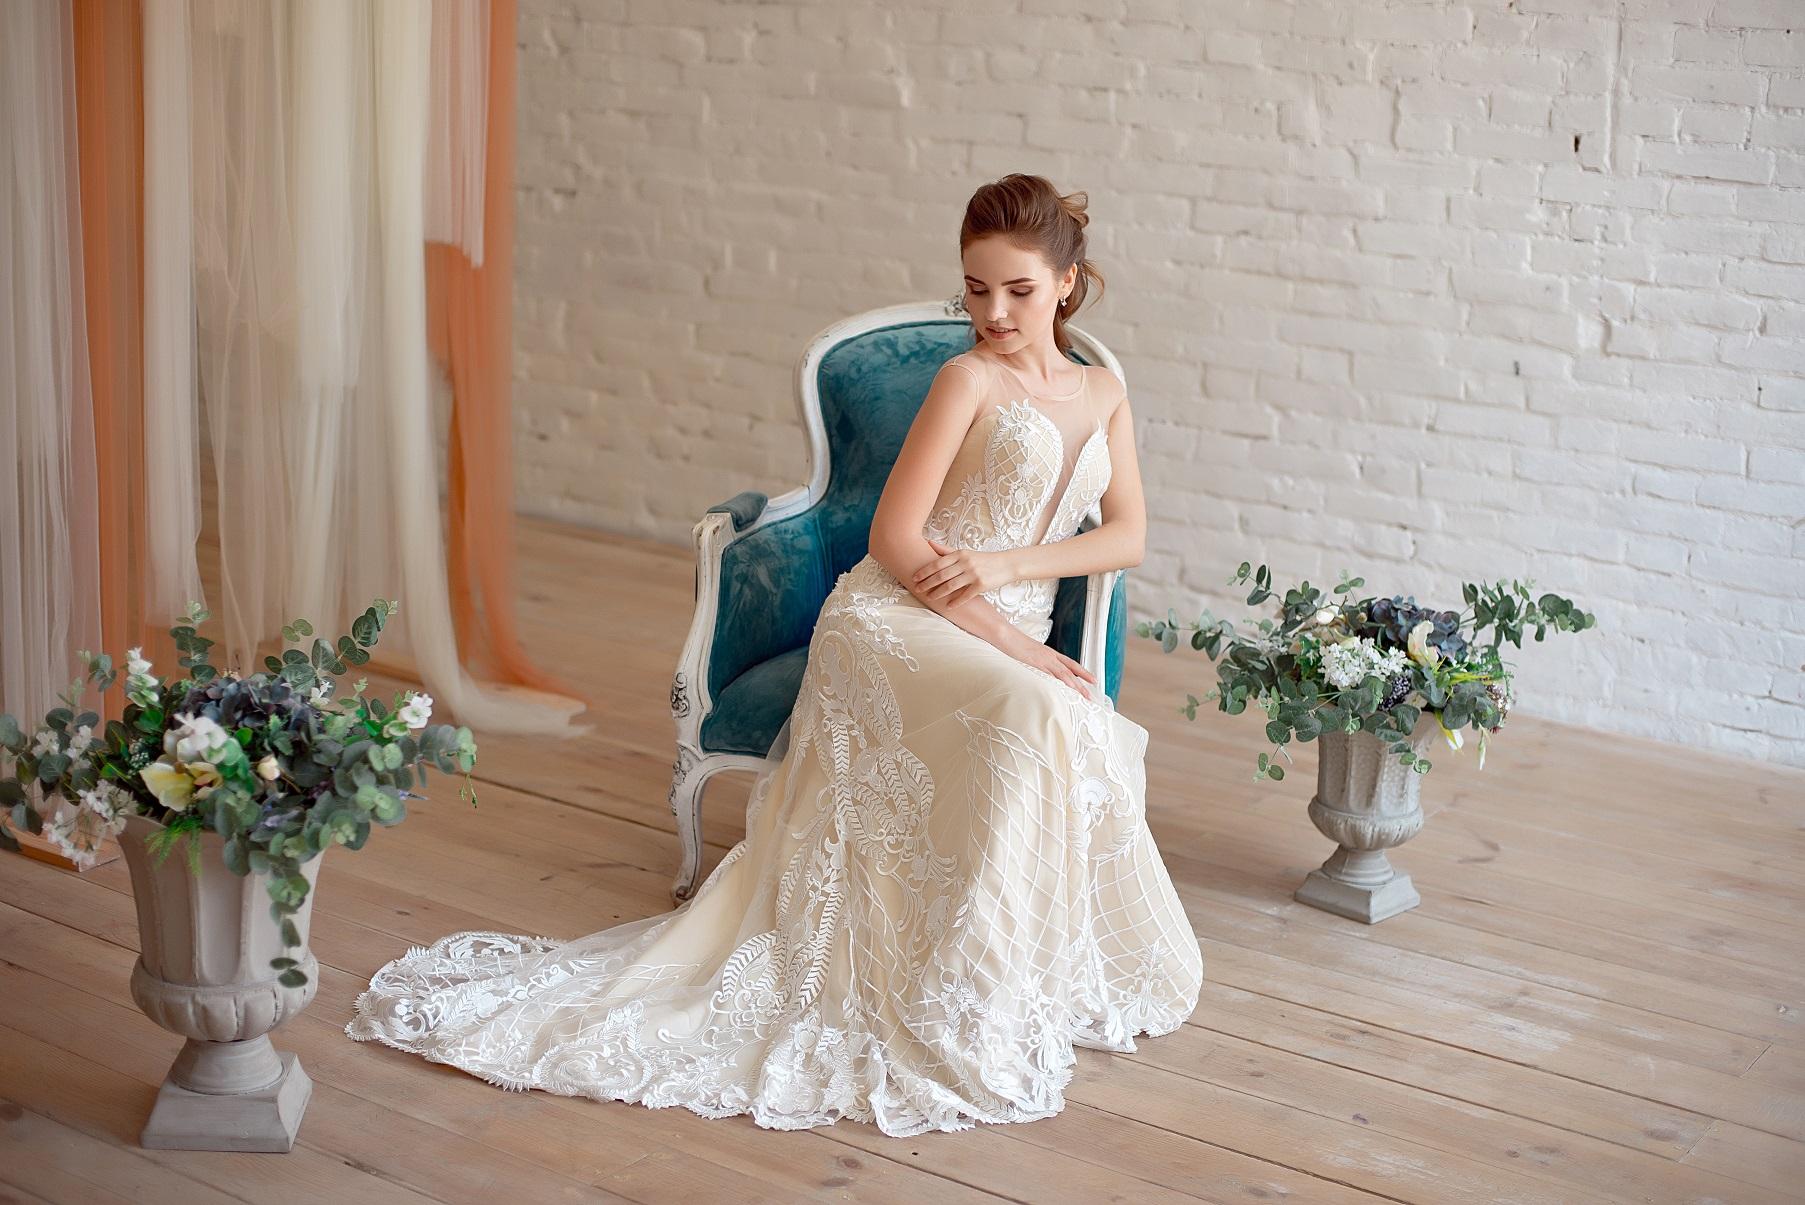 aa0eab9a27124 親族として出席する場合は一般の他の参列者と違って落ち着いた雰囲気のドレスを選ぶように気をつけてください。 ドレス の着丈は膝下より長いものをおすすめします。